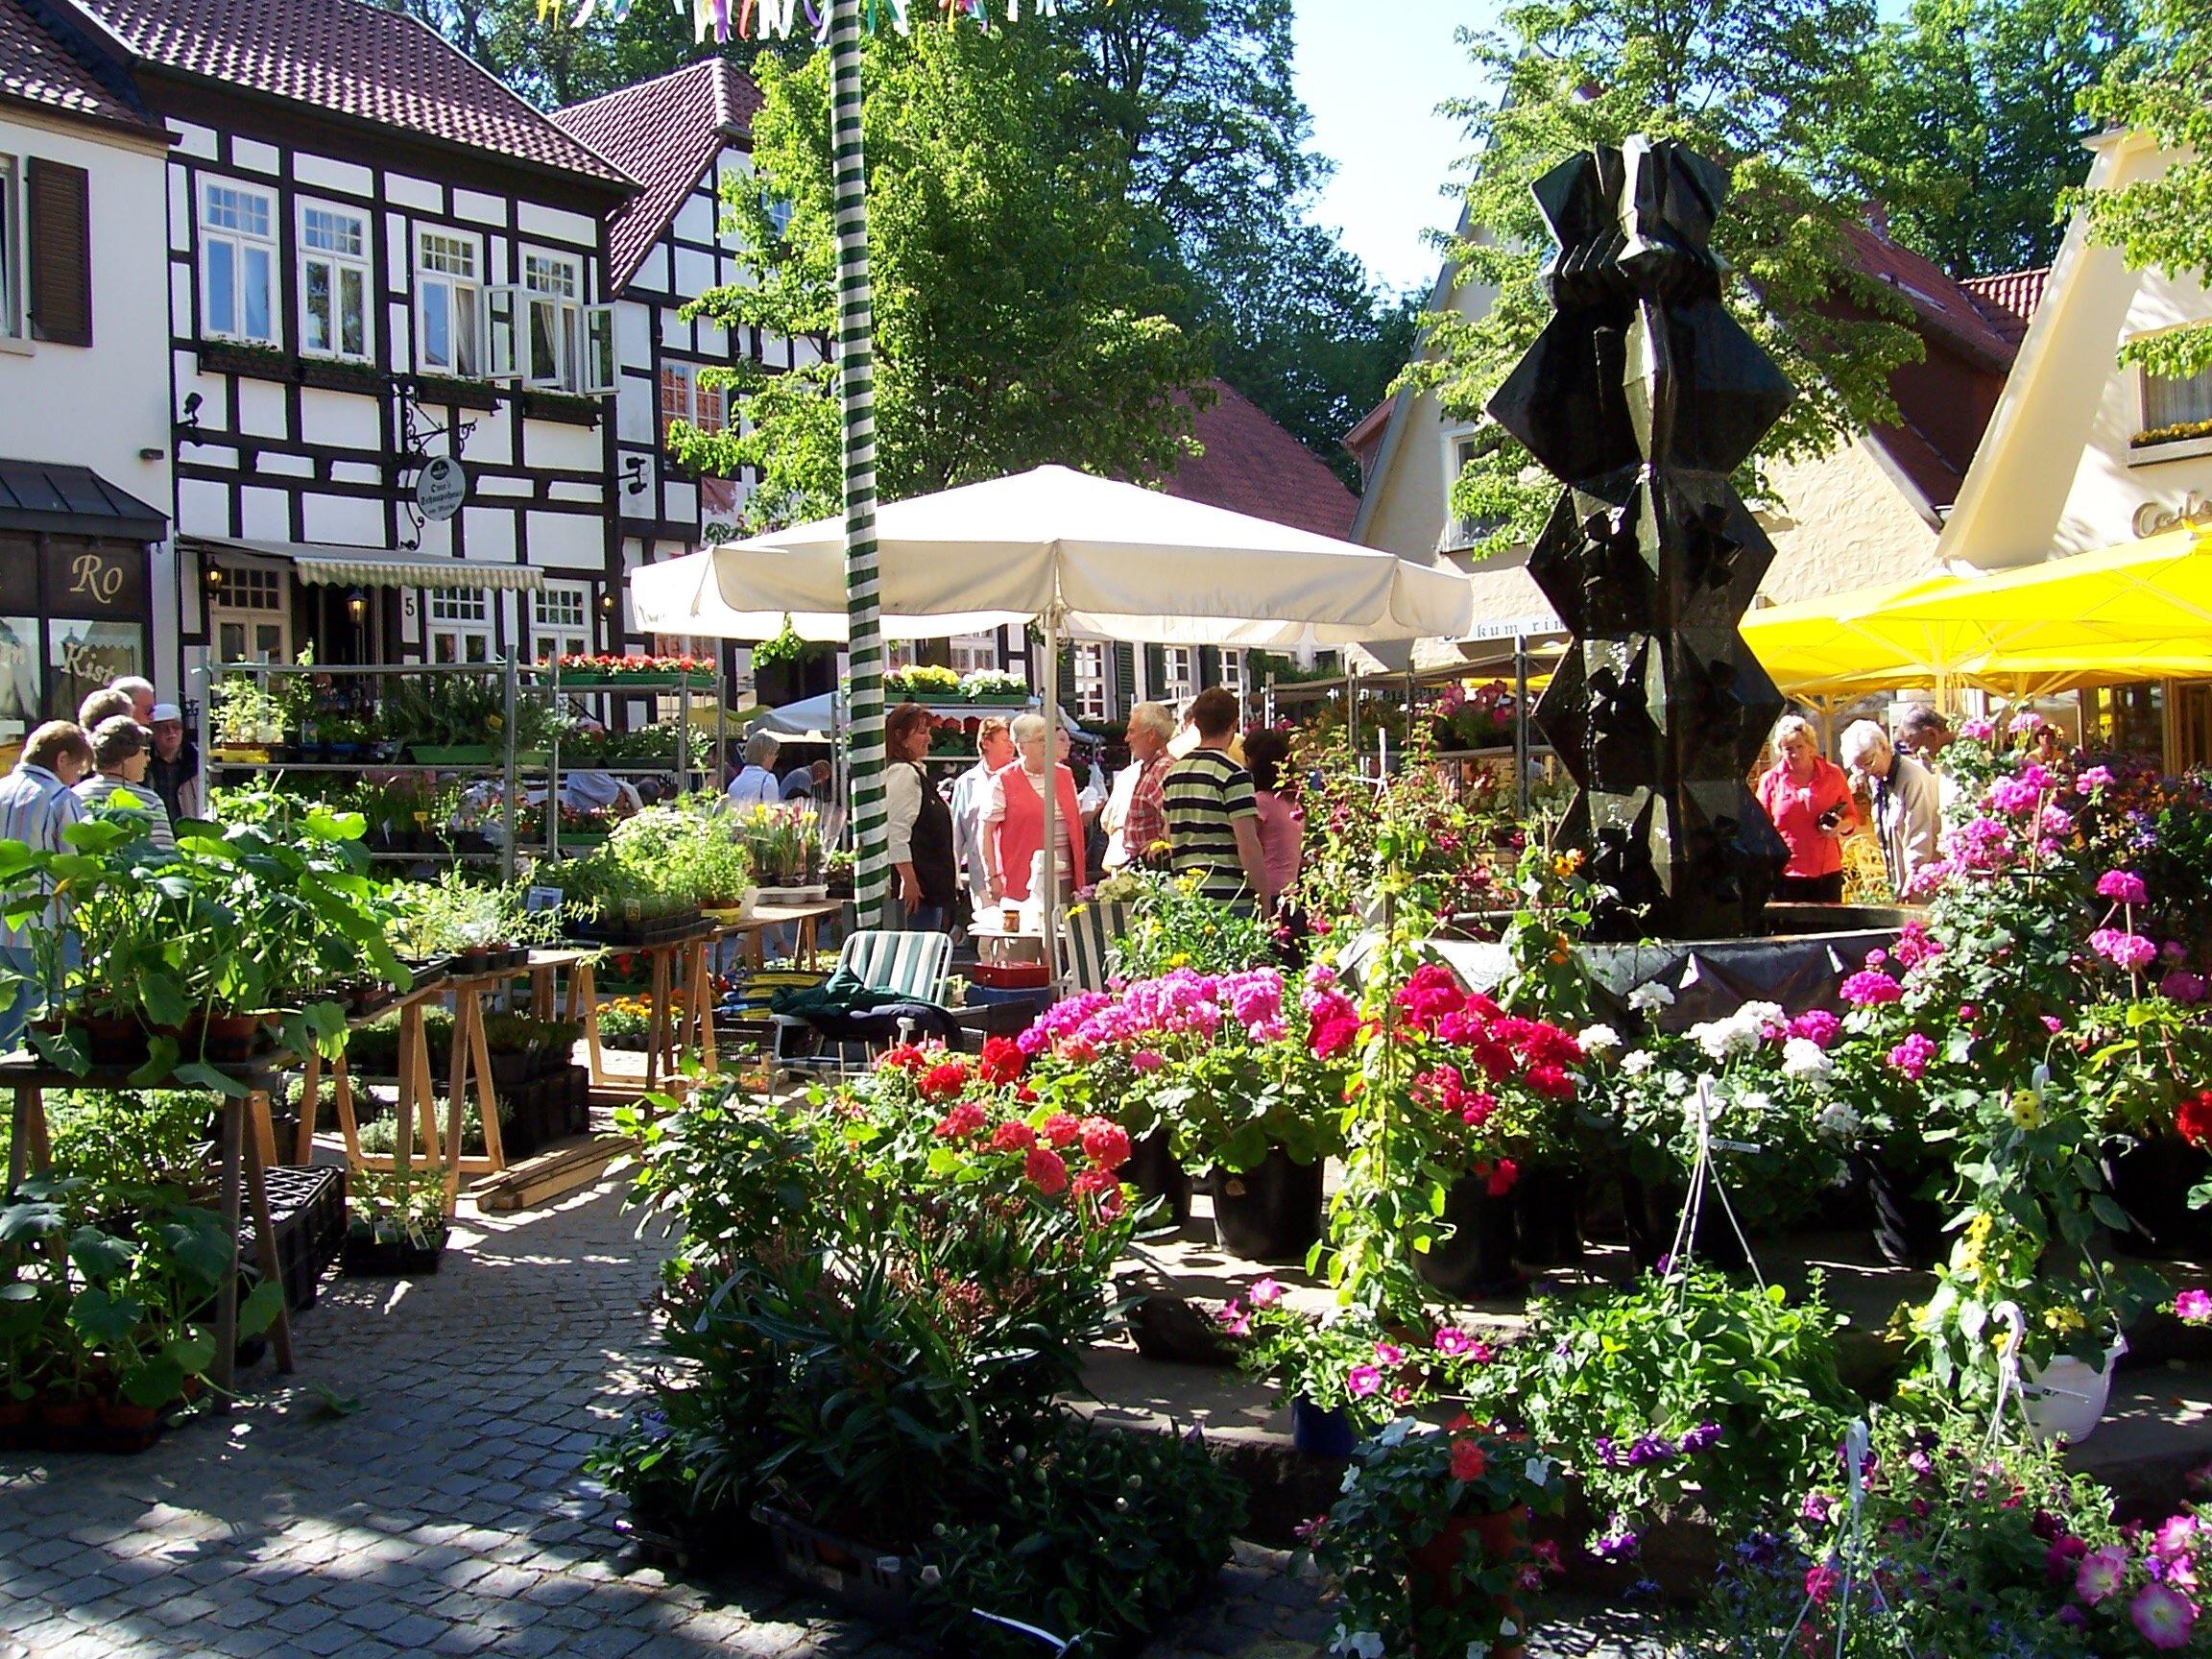 Quelle: www.tecklenburg-touristik.de